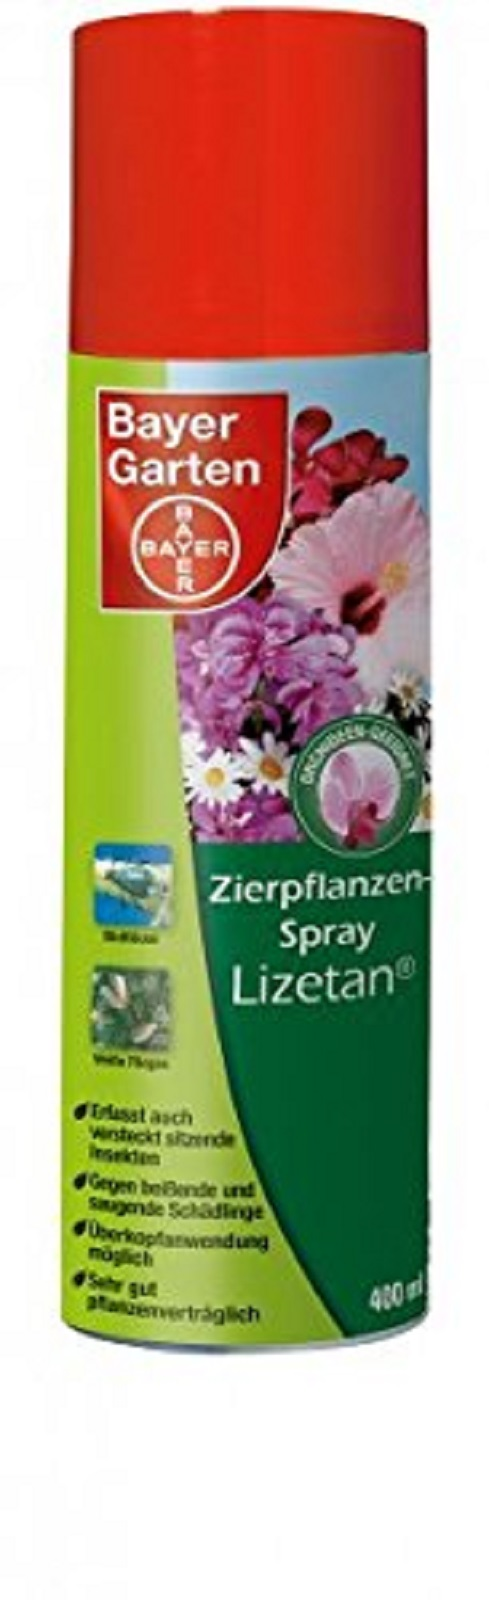 Bayer Zierpflanzenspray Lizetan 400 ml